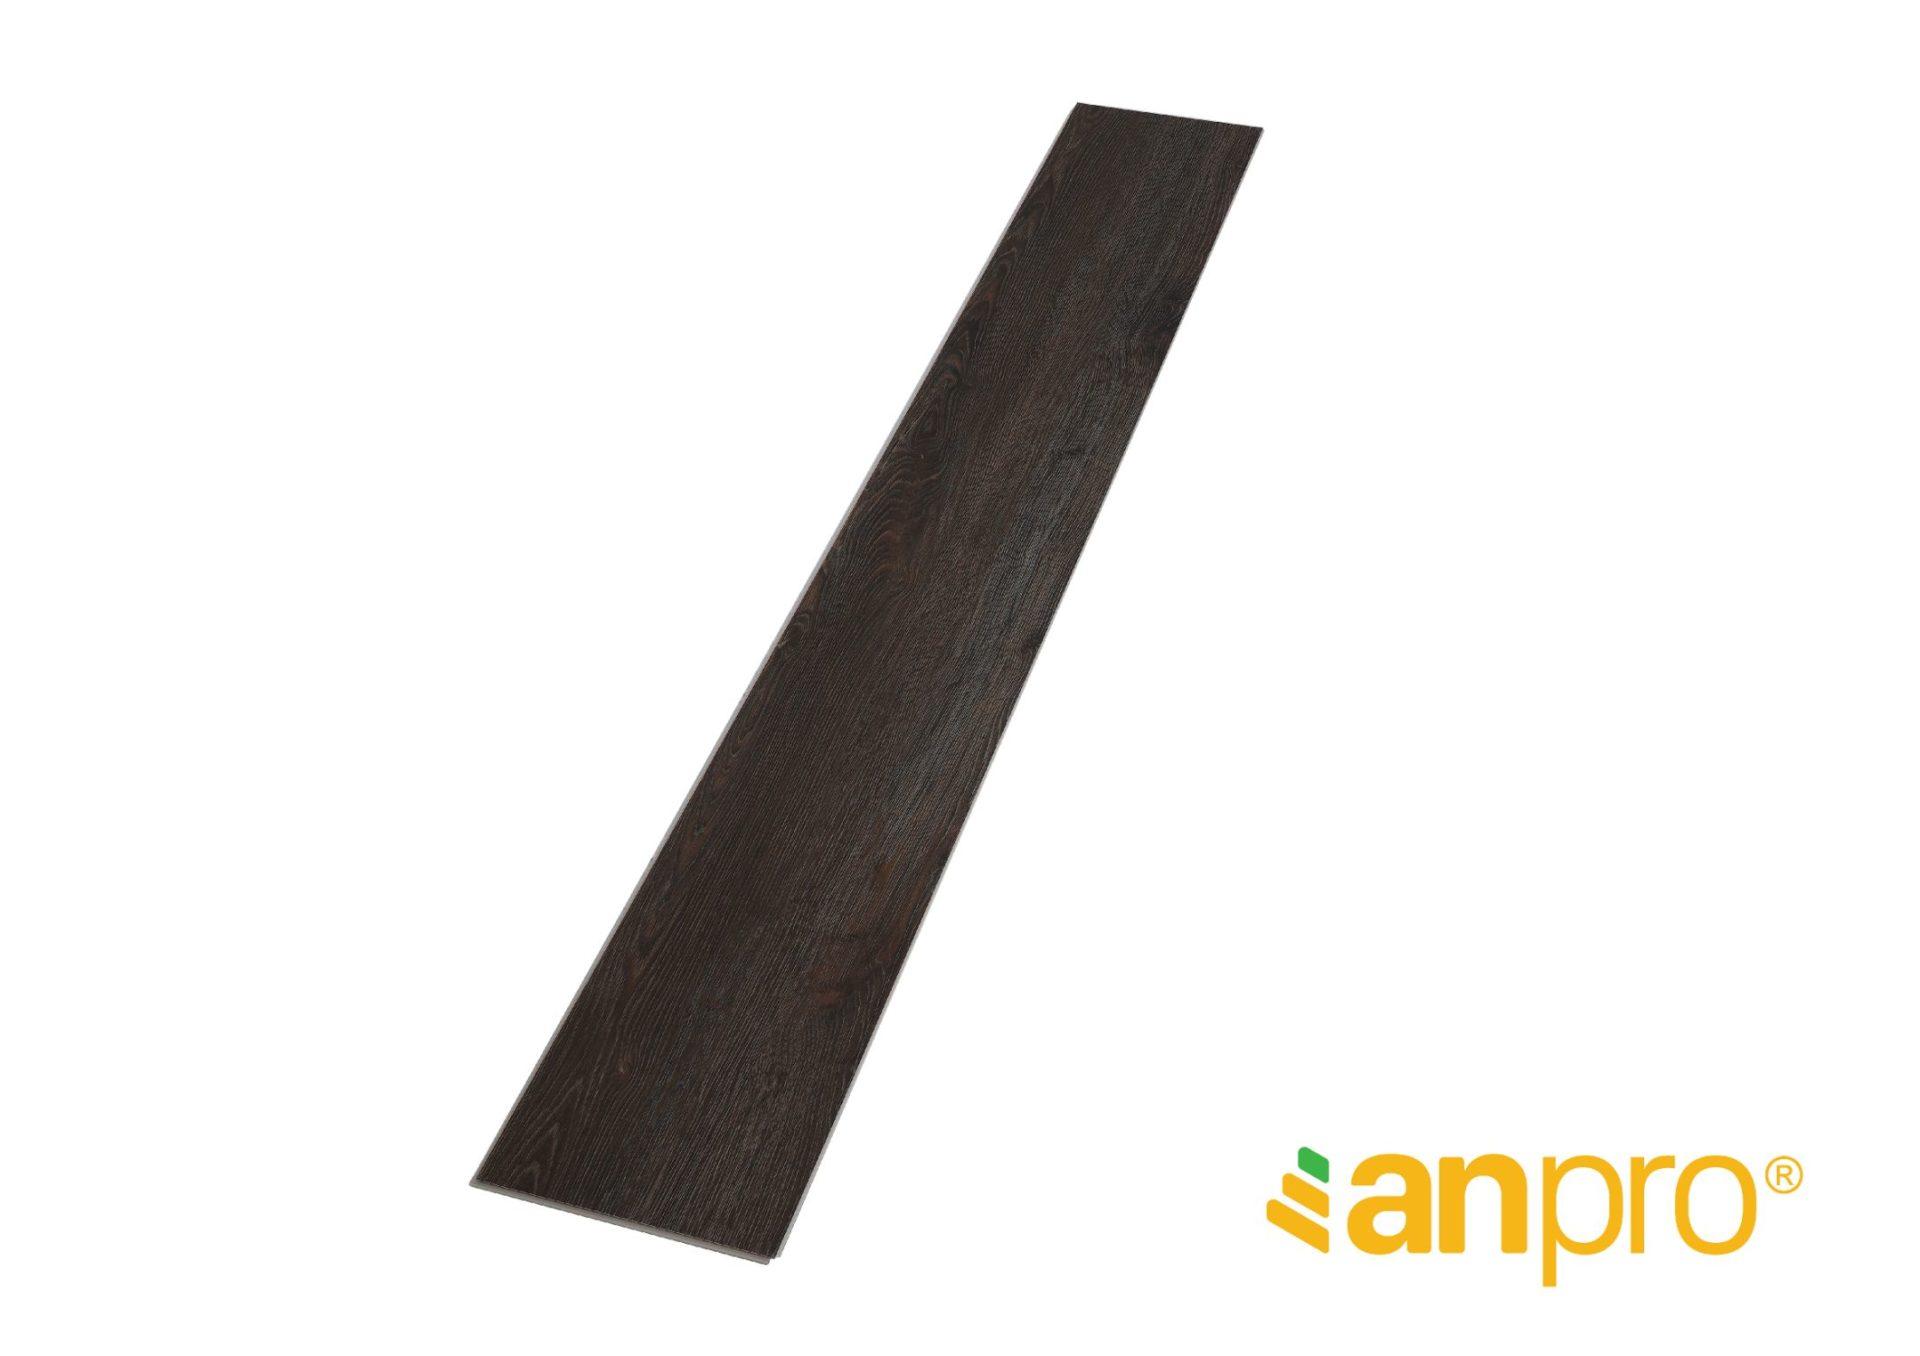 SA112 01 - Sàn AnPro vân gỗ SA112